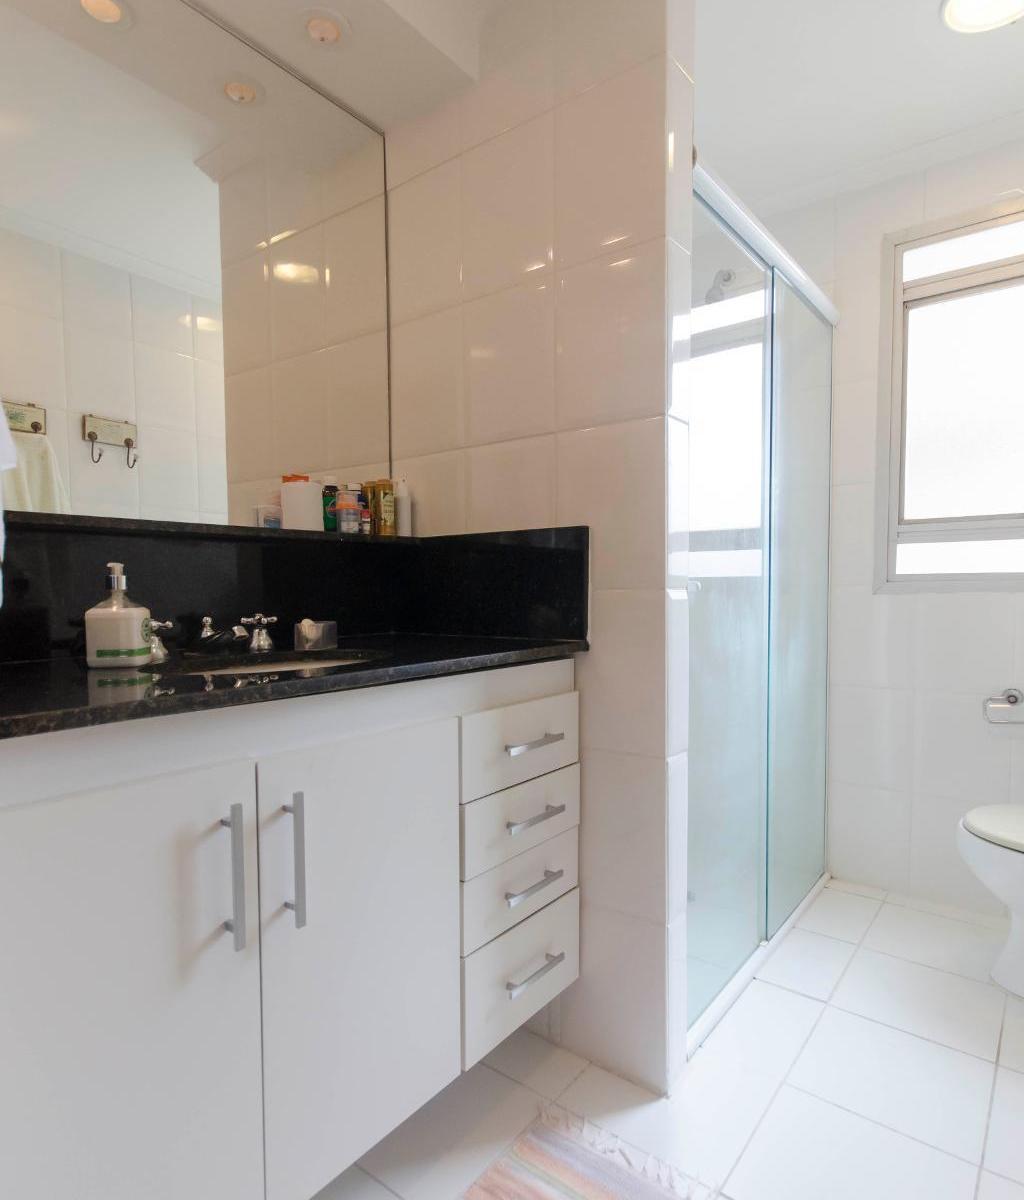 Apartamento para aluguel com 2 Quartos Perdizes São Paulo R$ 1  #624C3A 1024x1200 Banheiro Container Aluguel